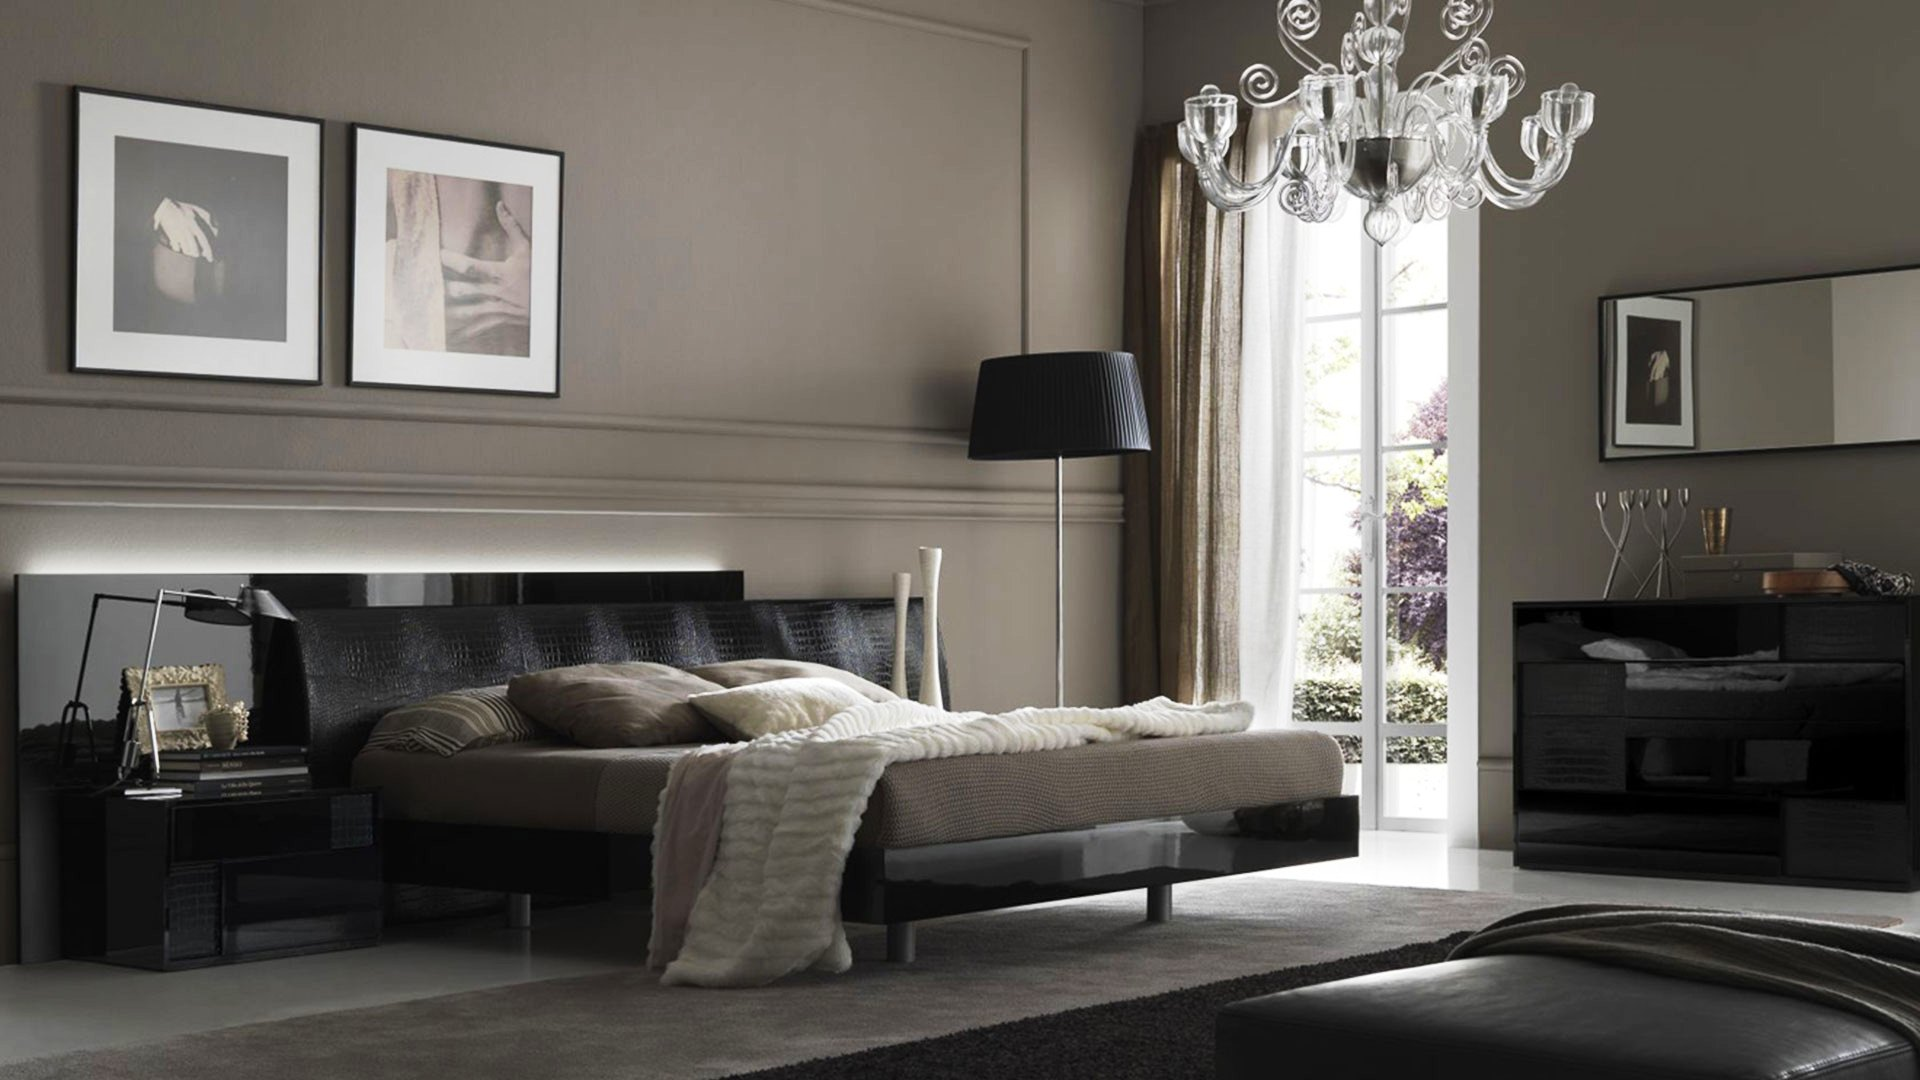 adult bedroom ideas Masculine Bedroom Designs Ideas 1920x1080